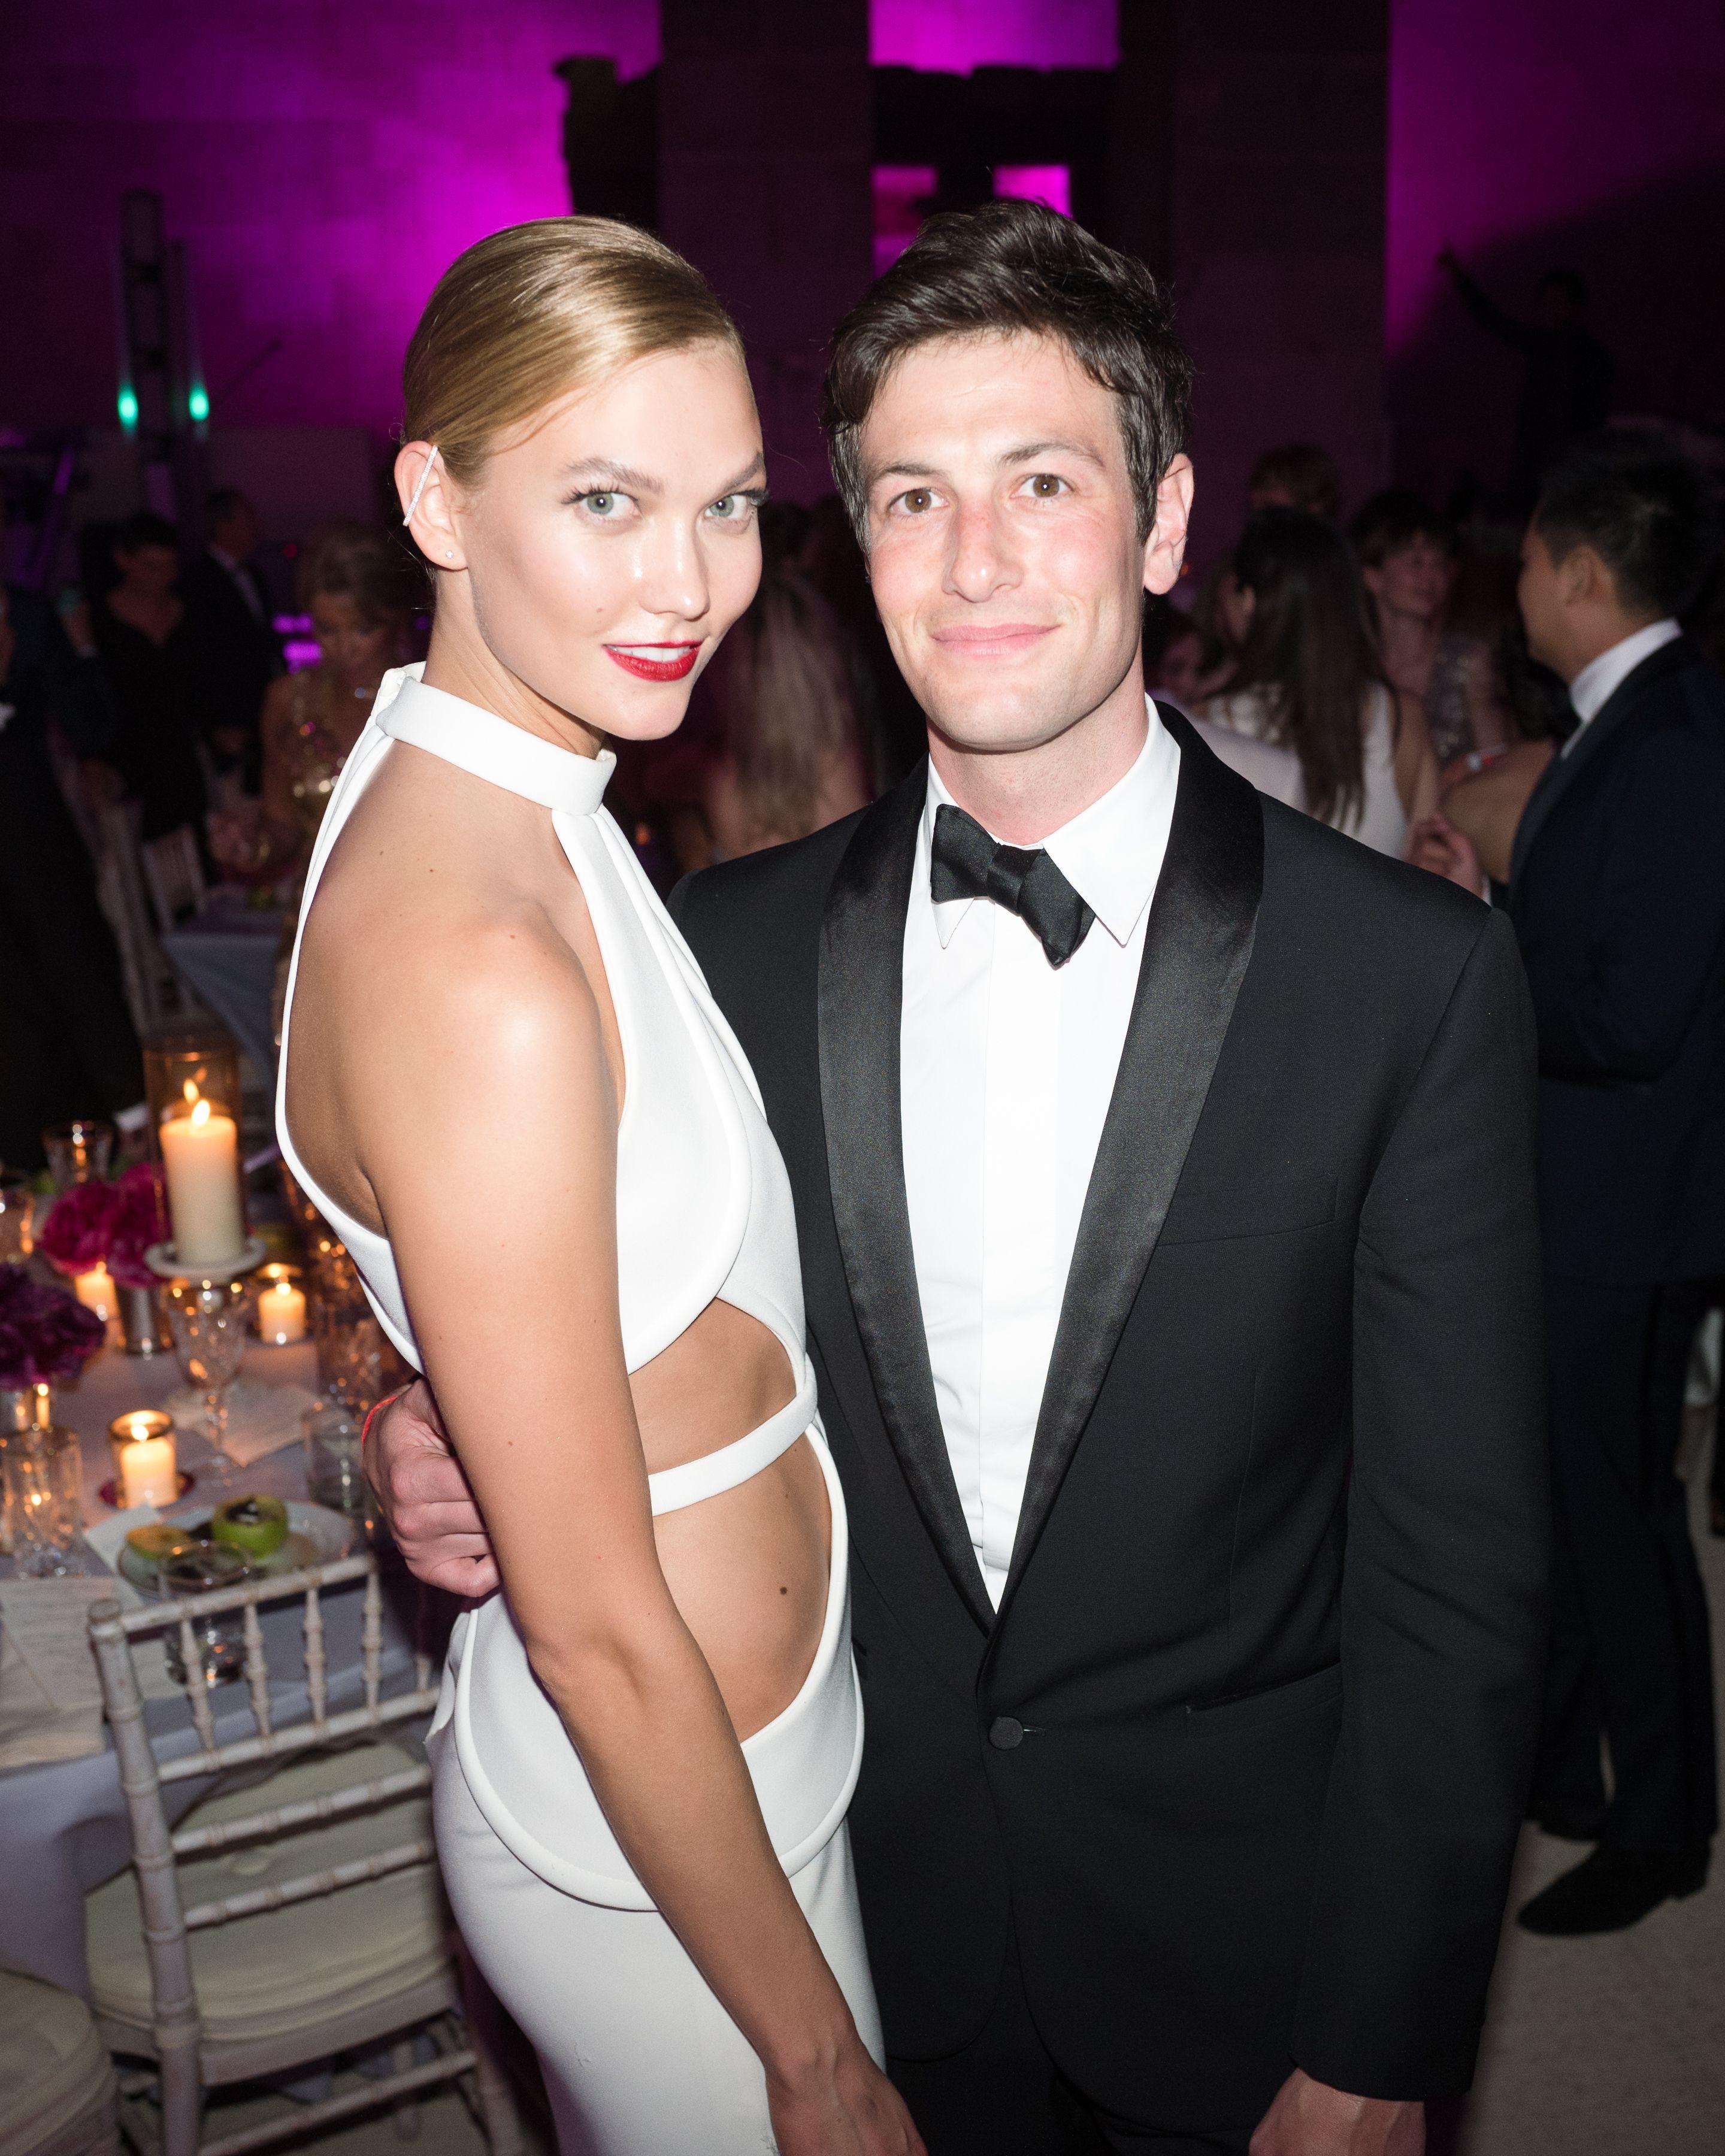 Kushner dating karlie kloss